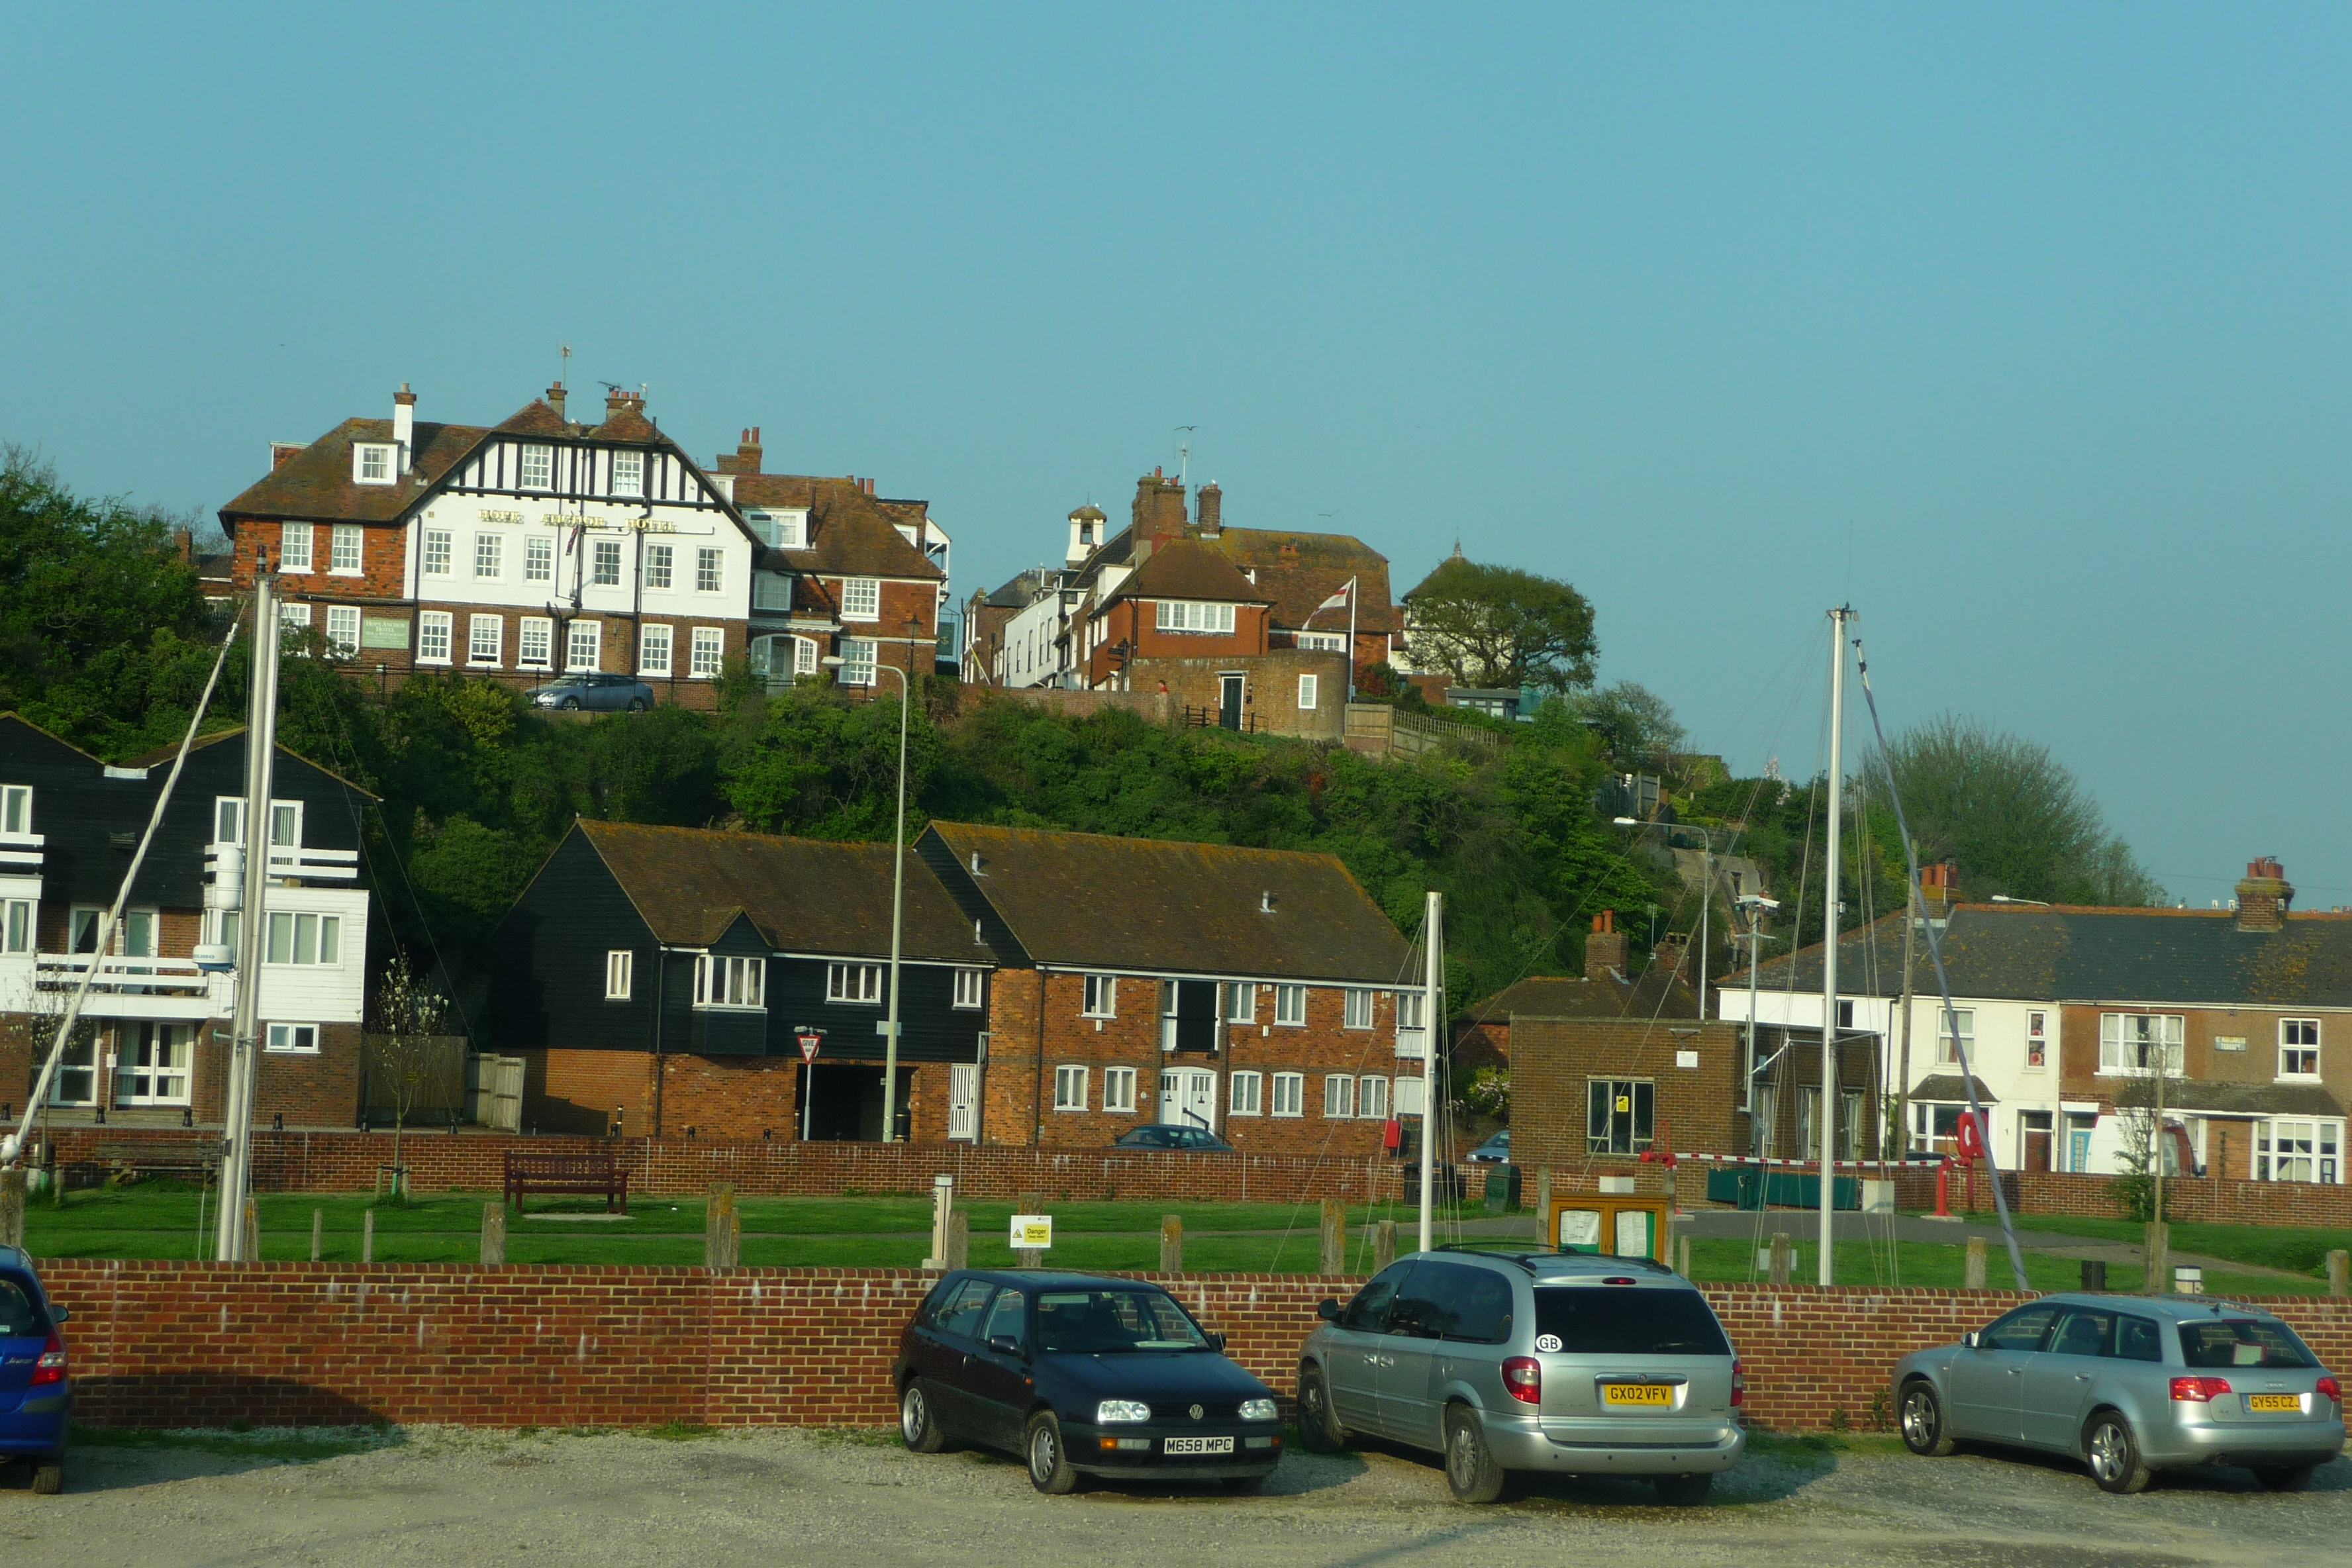 File:Rye-East-Sussex.JPG